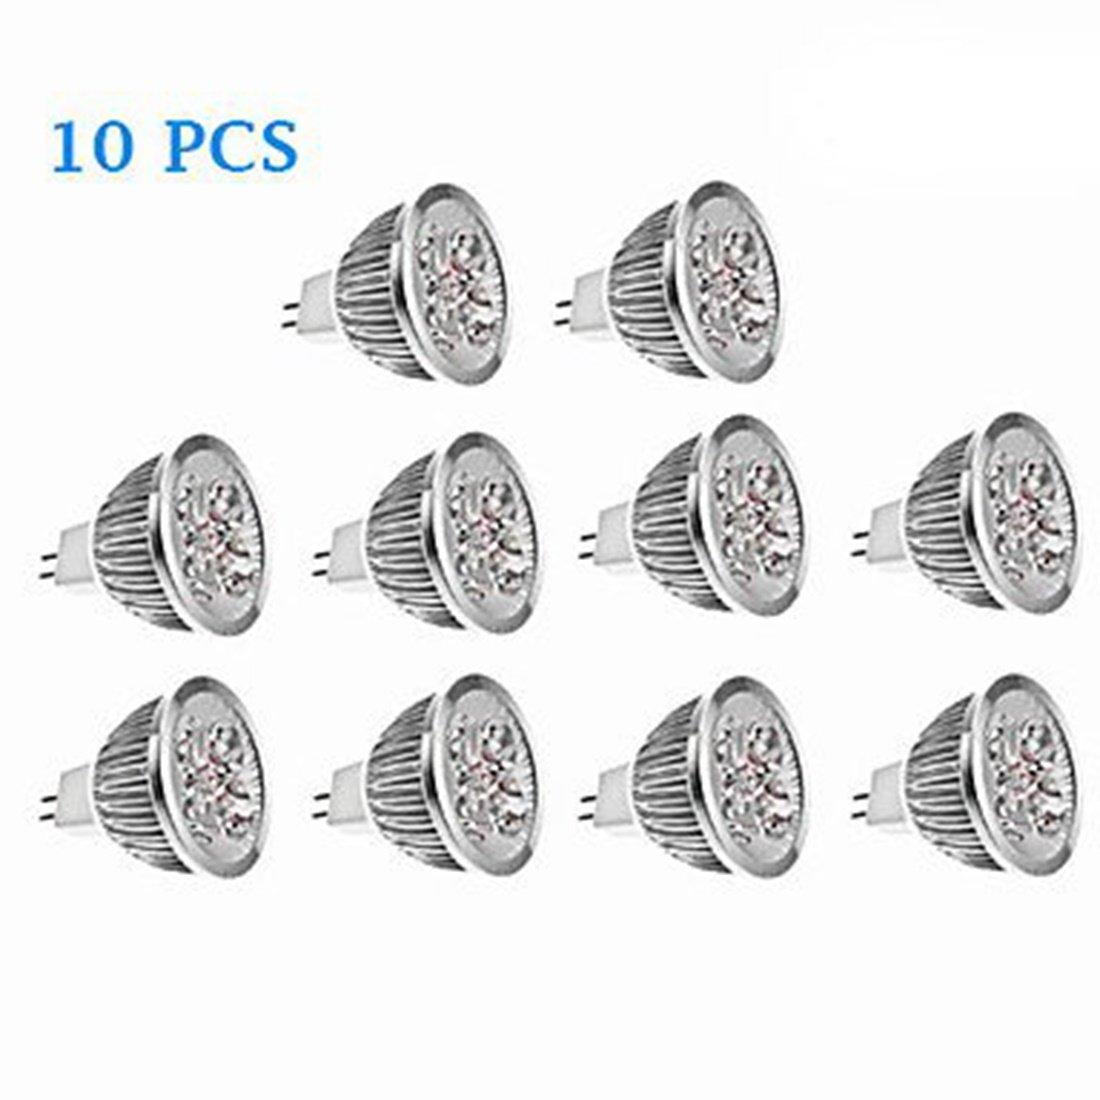 SRY-LED Bulbs MR16 LED Spotlight 4 Watt 270Lumens 35W Equal Holegen 3000/4000K/6000K 45 Deg Narrow Flood 12V DC GU5.3 Base 10Pcs Energy saving (Color : Cool white)